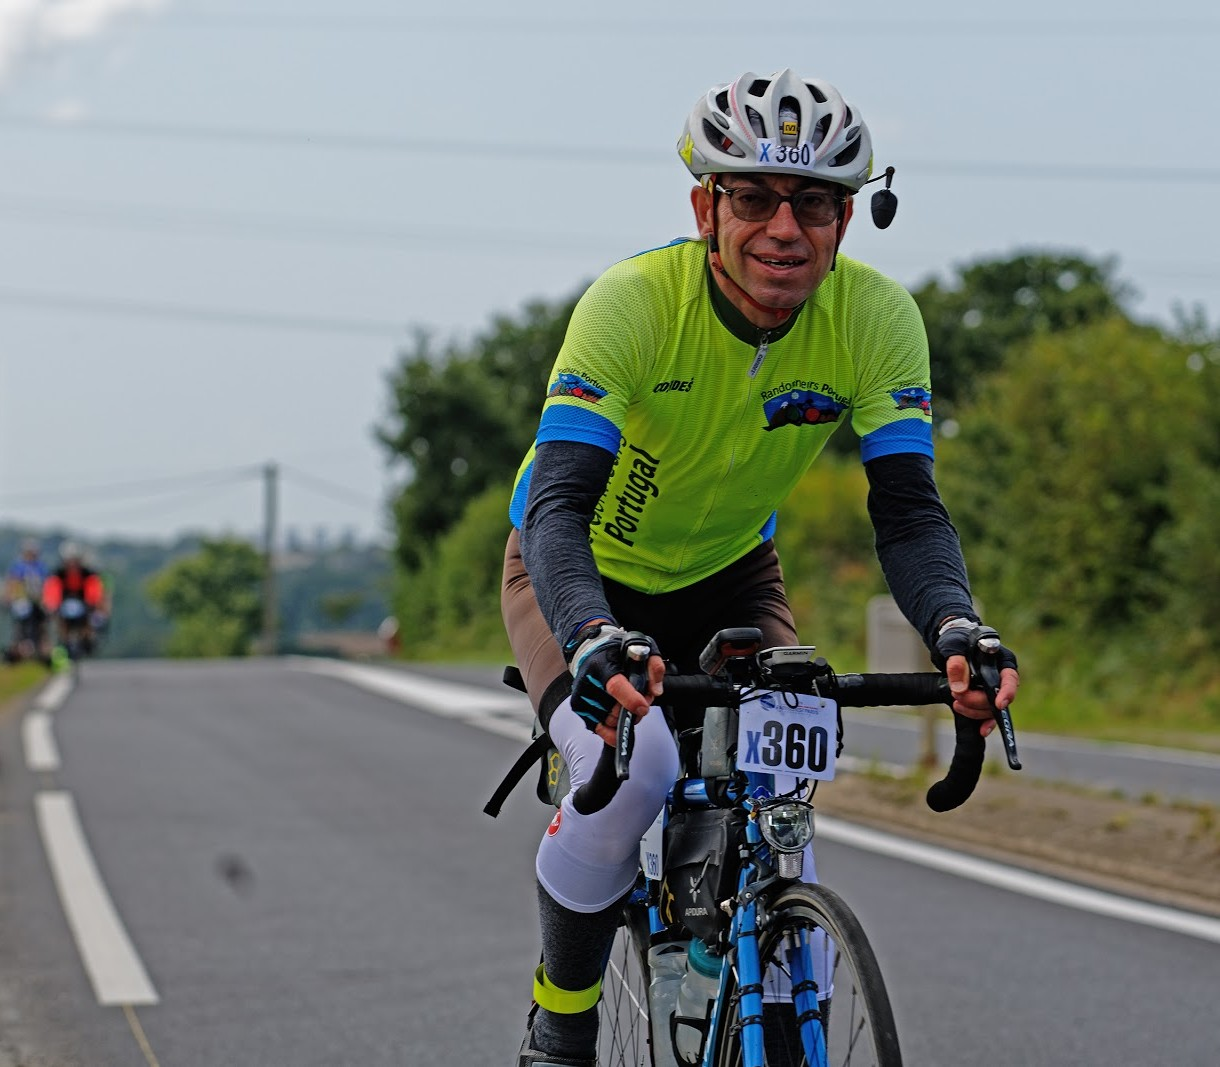 José Ferreira Randonneurs Portugal Nº201300045 Paris Brest Paris 2019